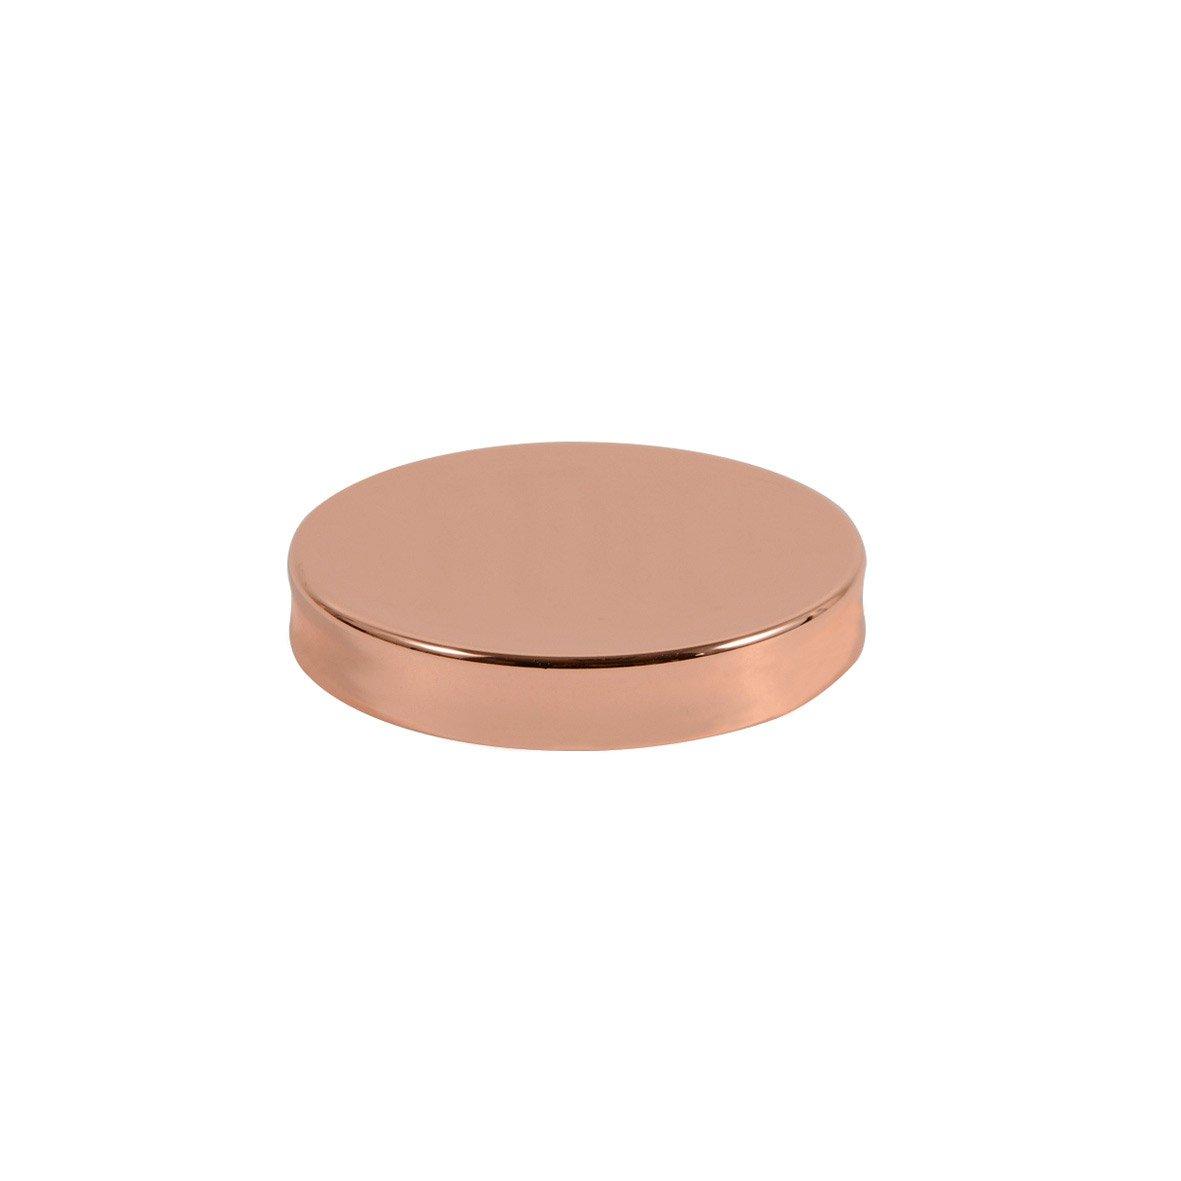 Porte-savon métal Copper, cuivre